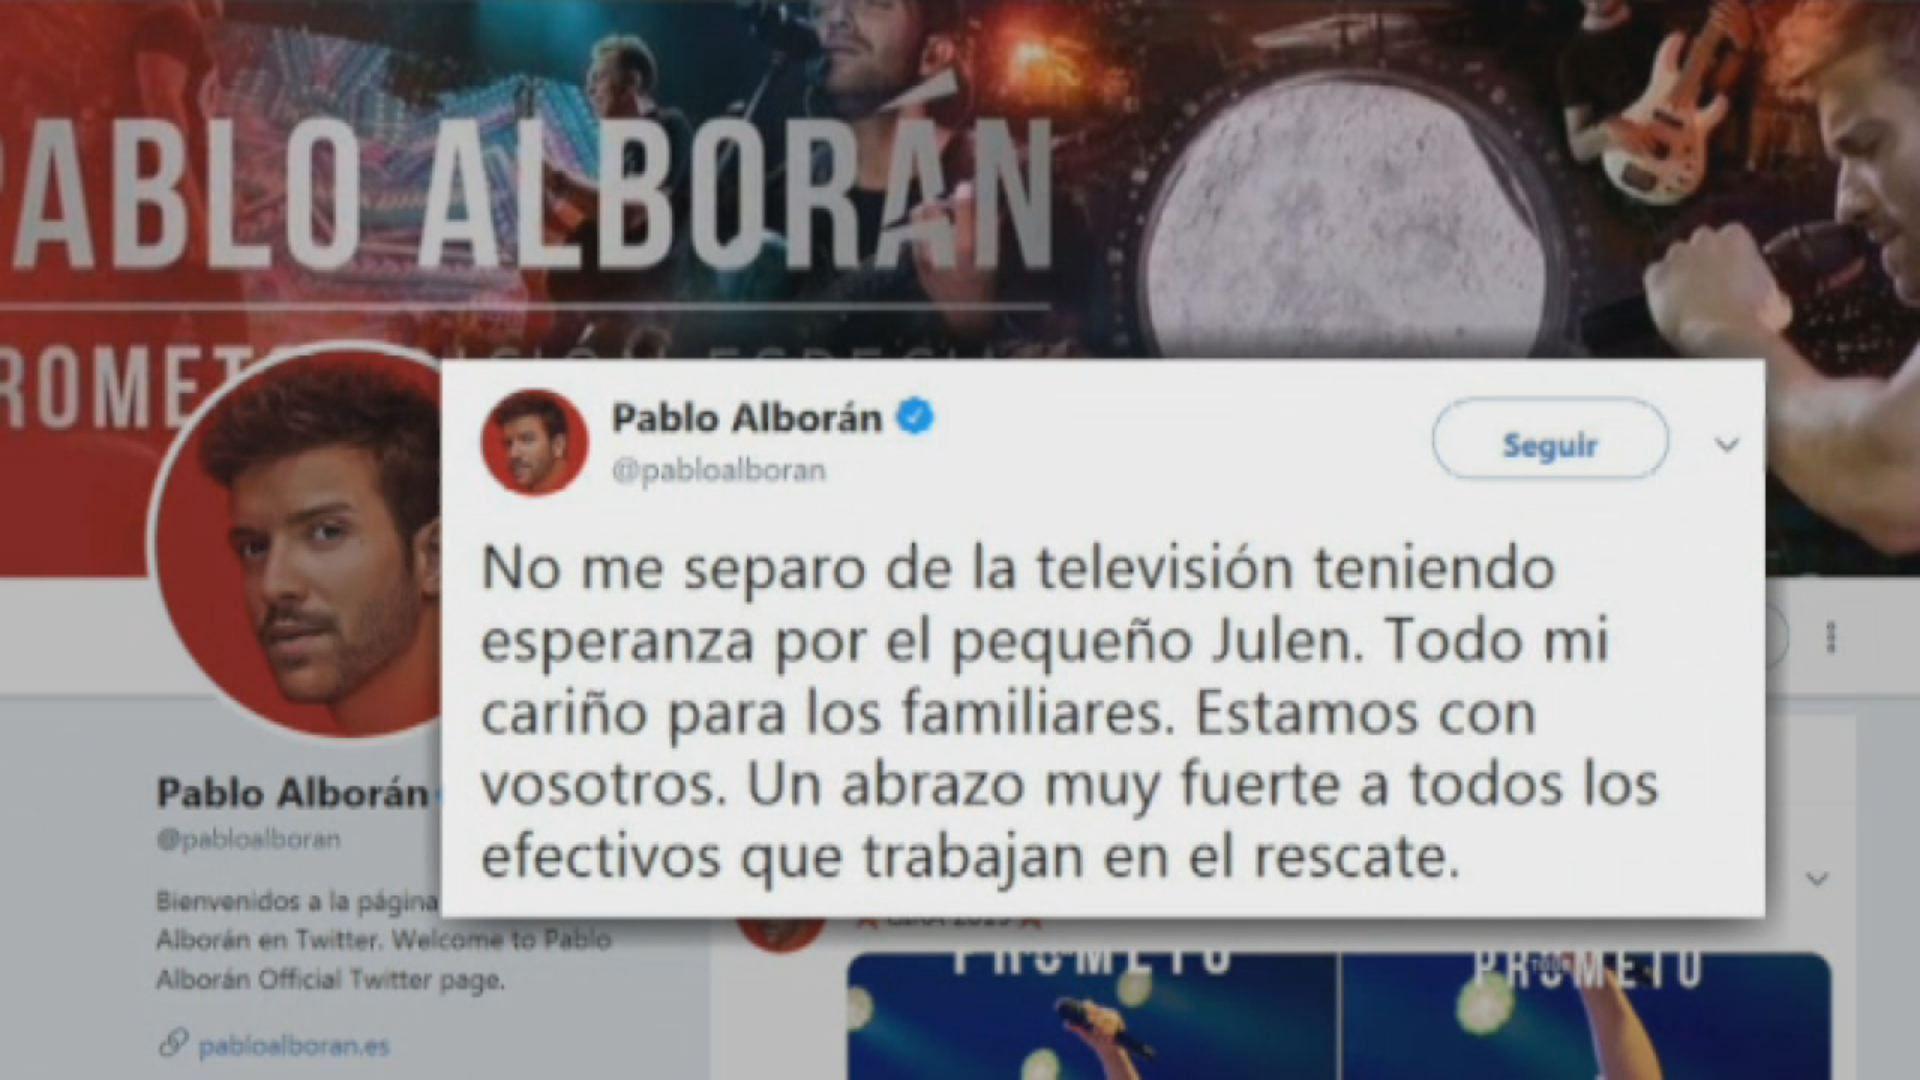 «Dolor y gloria» -Tráiler.Famosos como Pablo Alborán han mostrado en Twitter su conmoción ante el caso de Julen en Totalán